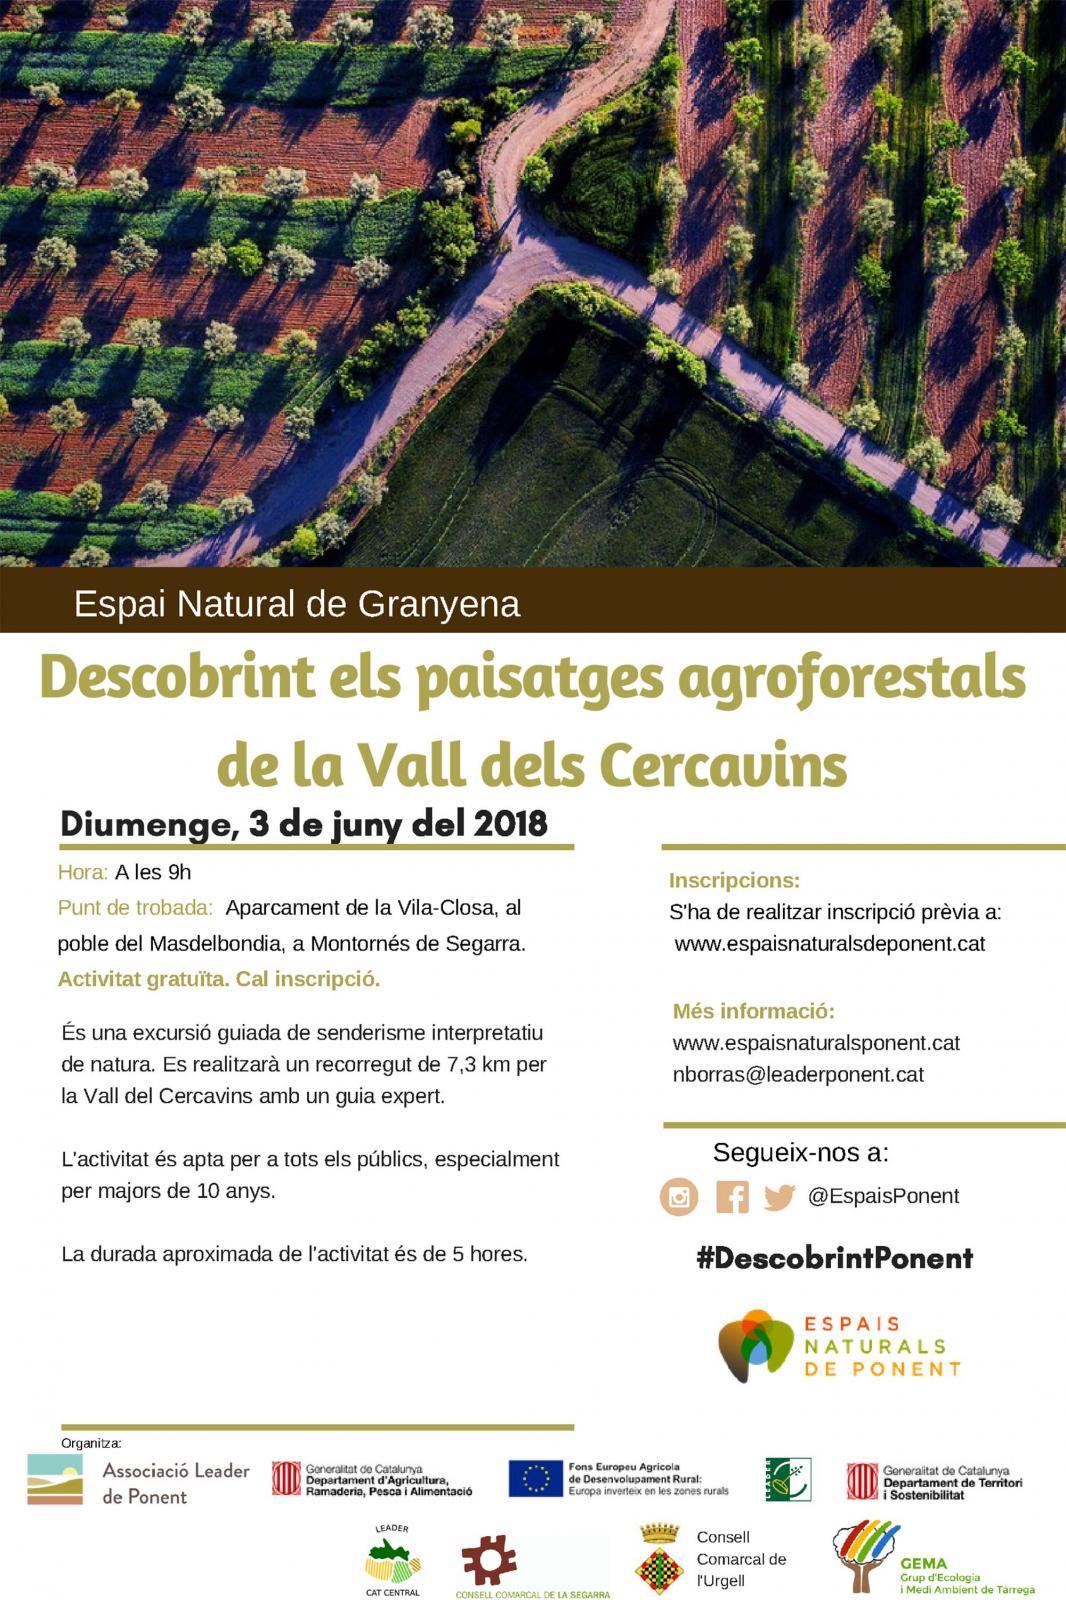 Descobrint els paisatges agroforestals de la Vall del Cercavins